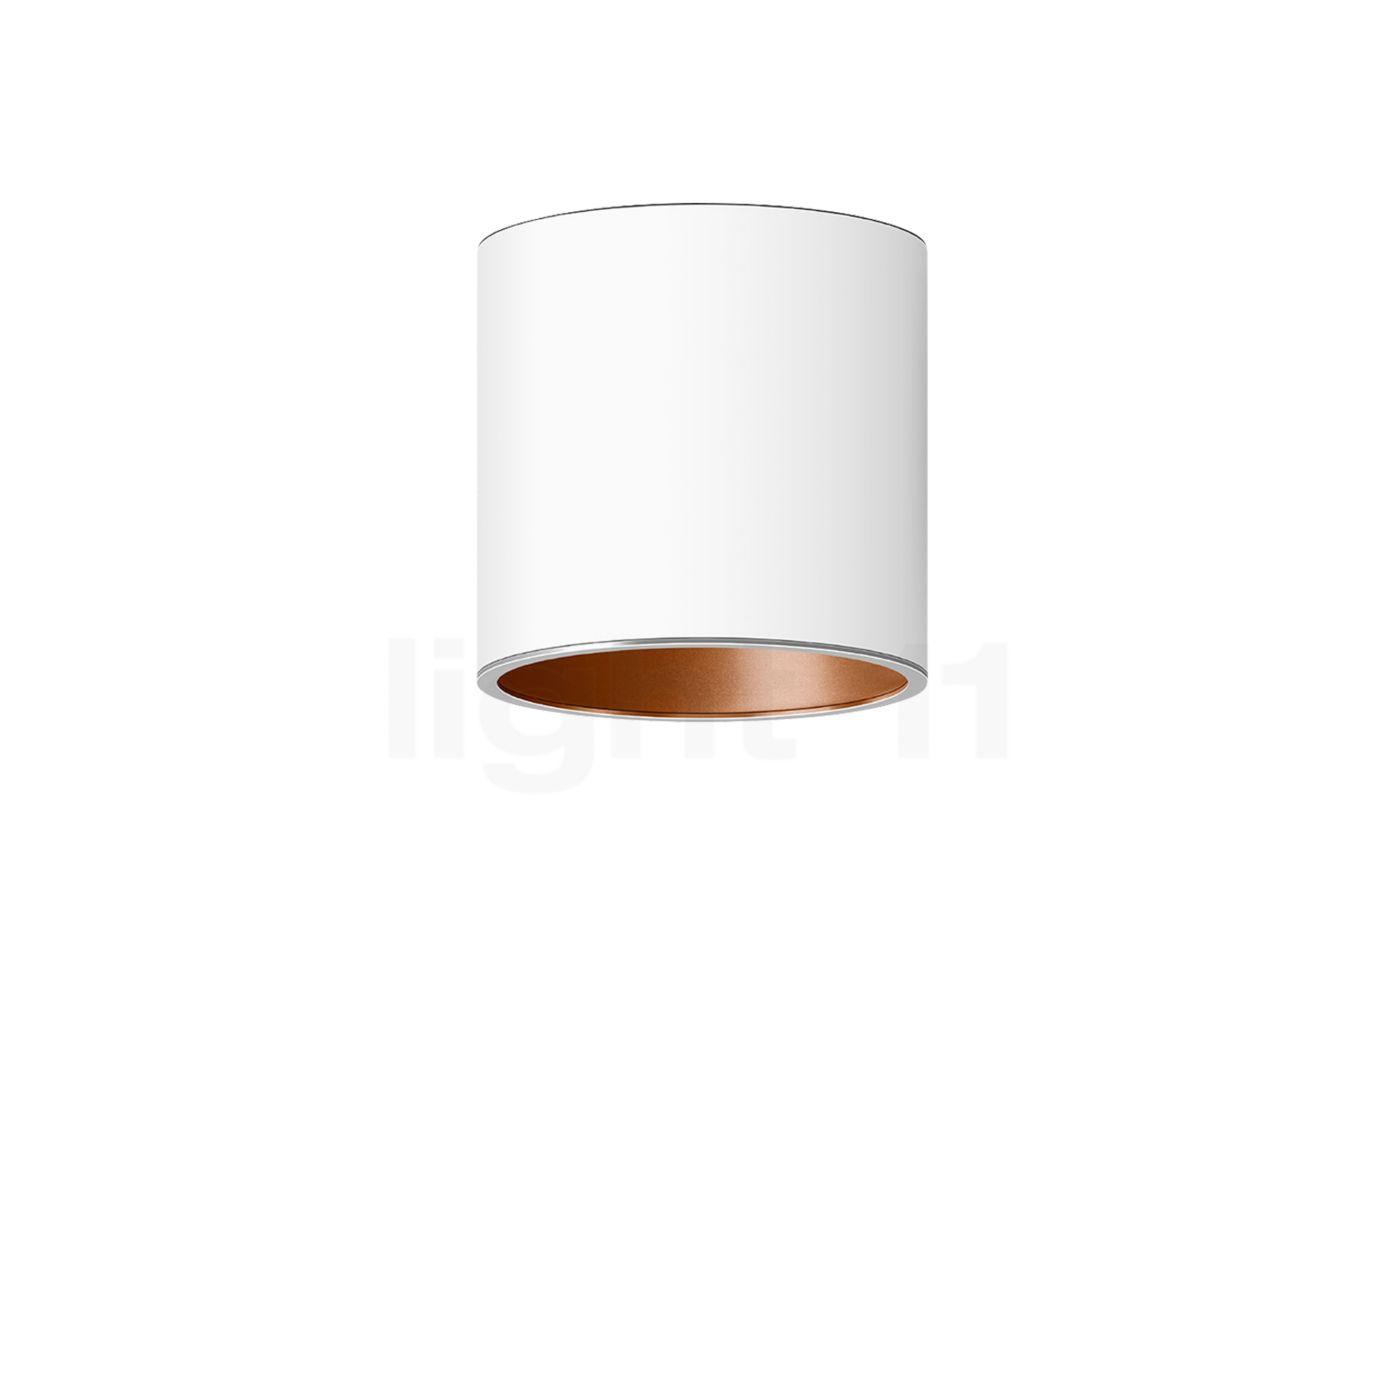 Bega Studio Line Deckenleuchte Tiefstrahler LED rund, weiß/Kupfer matt, 13,7 W 50678.6K3